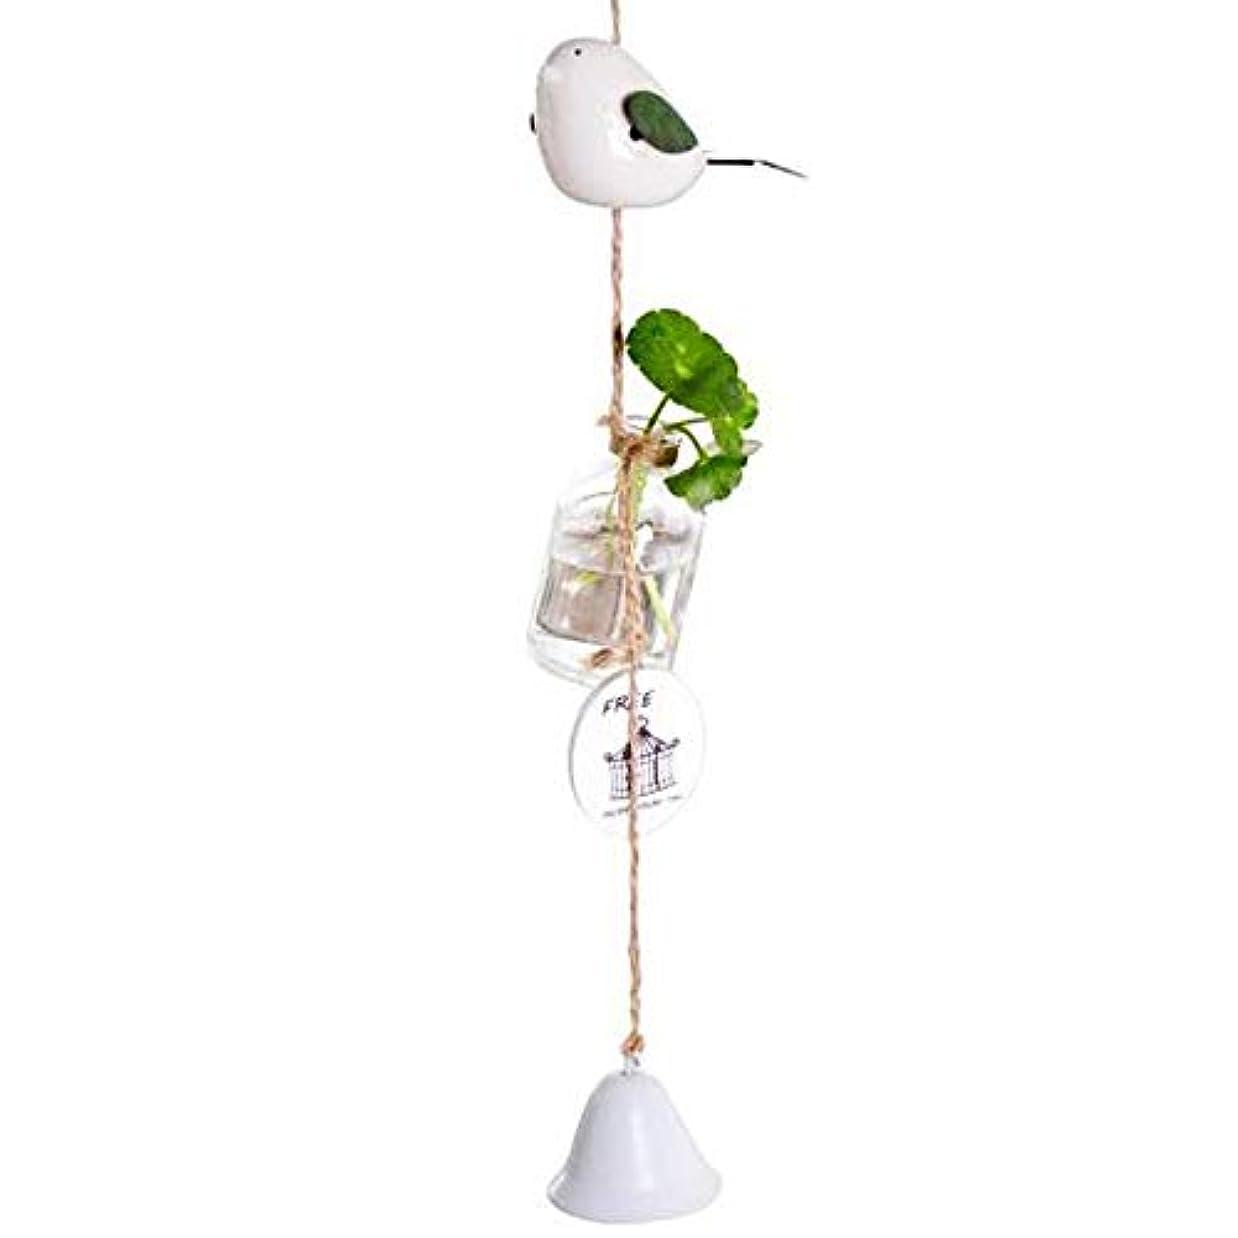 マントルトロリーバス富豪Youshangshipin 風チャイム、クリエイティブ?グラス風チャイム、白、ロープの長さ63センチメートルボトル(なし植物),美しいギフトボックス (Color : White)